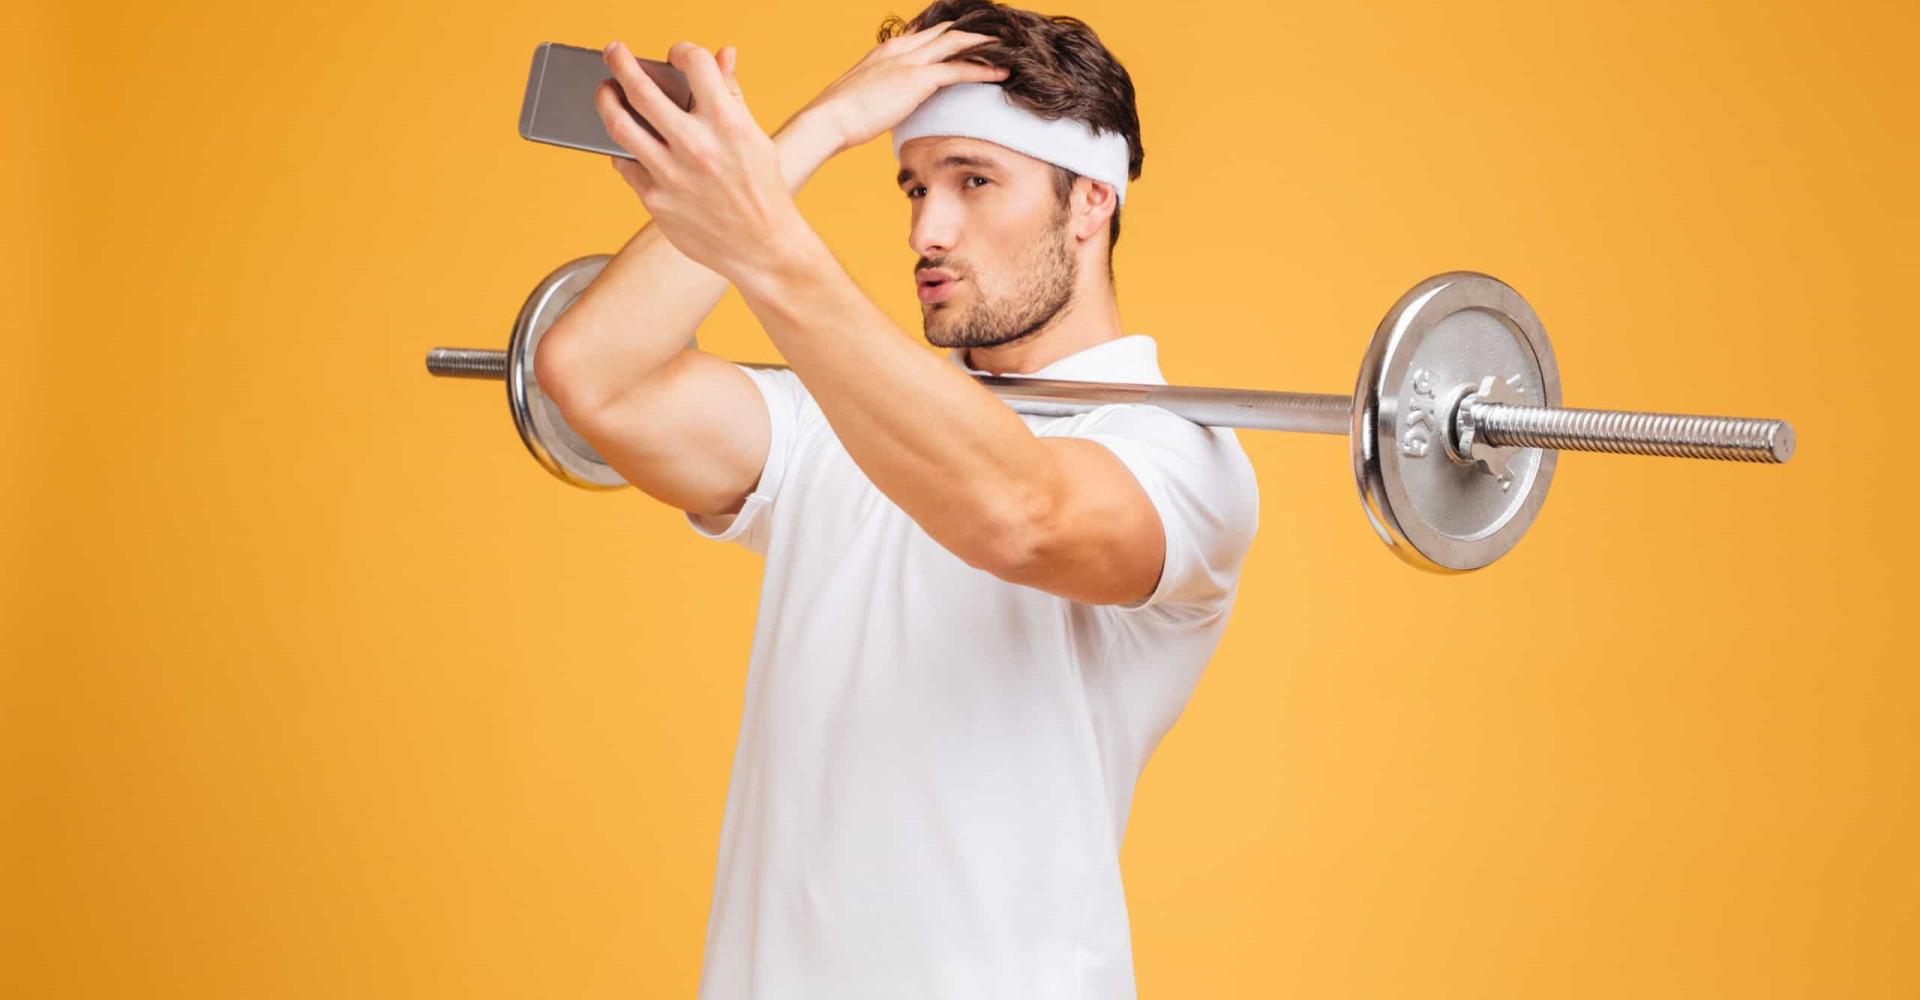 Gym-Knigge: Regeln, die wir alle kennen (und nicht immer einhalten)